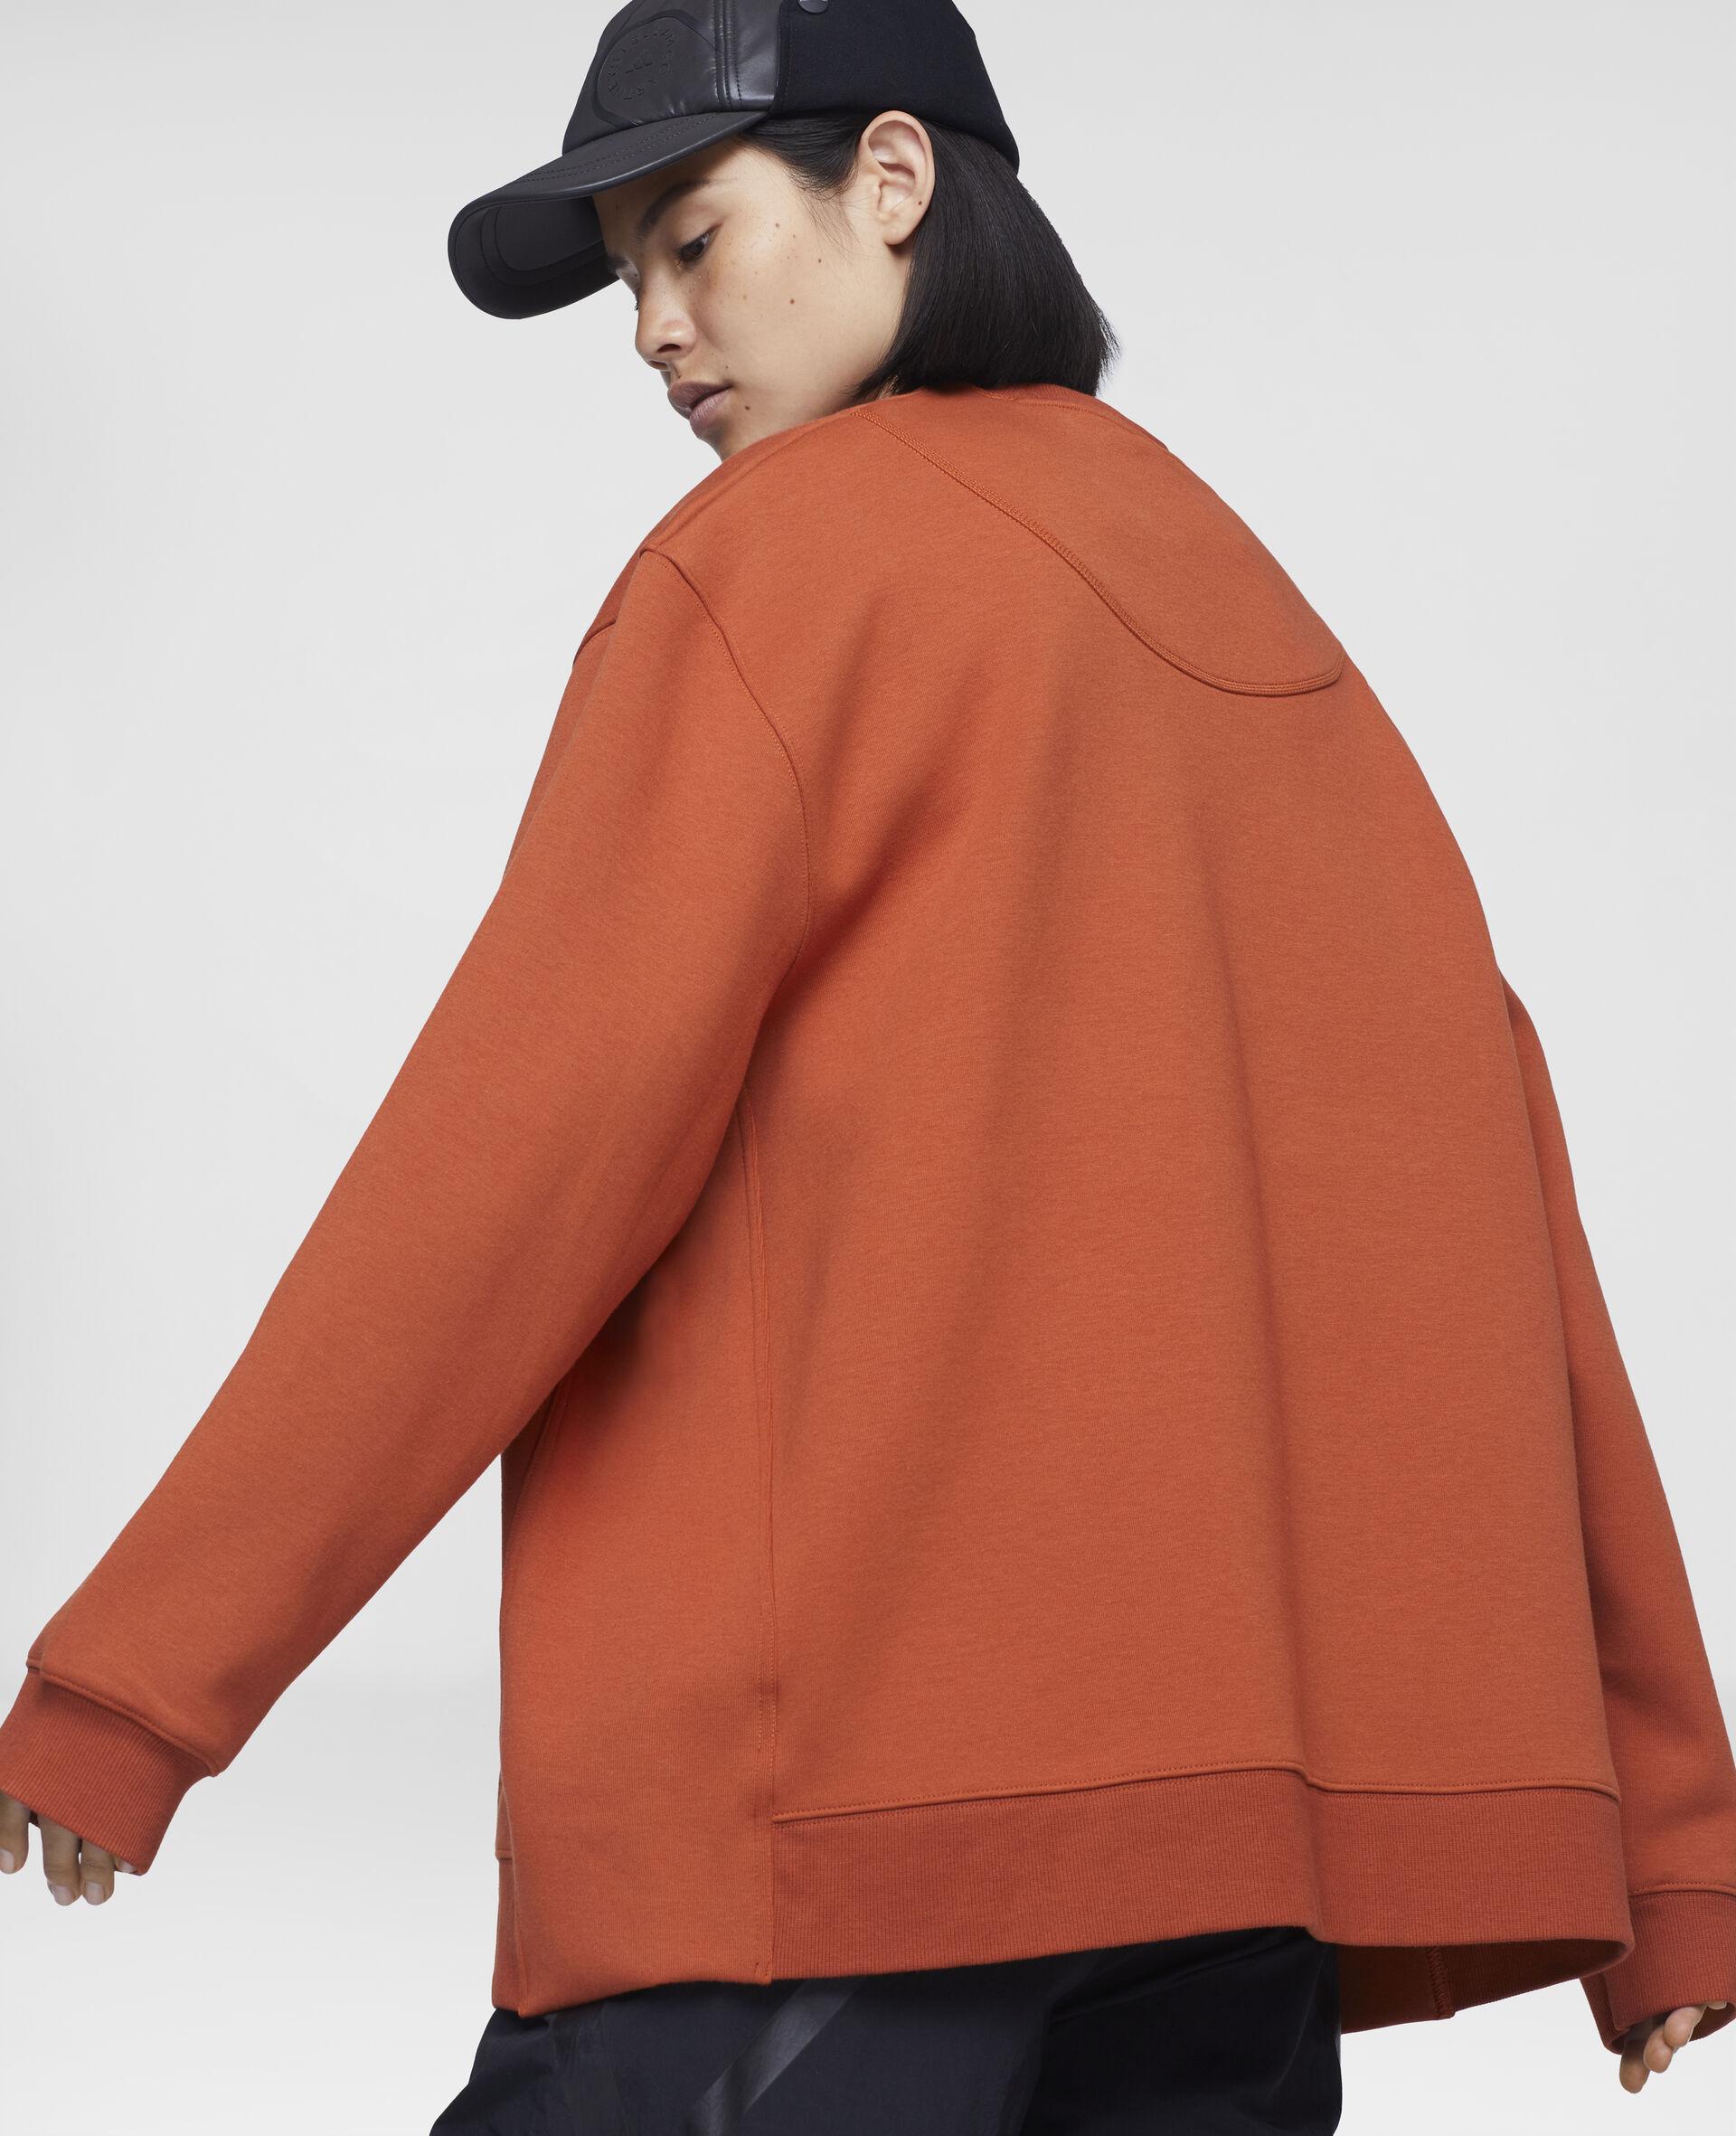 Burnt Brick Training Sweatshirt-Orange-large image number 3